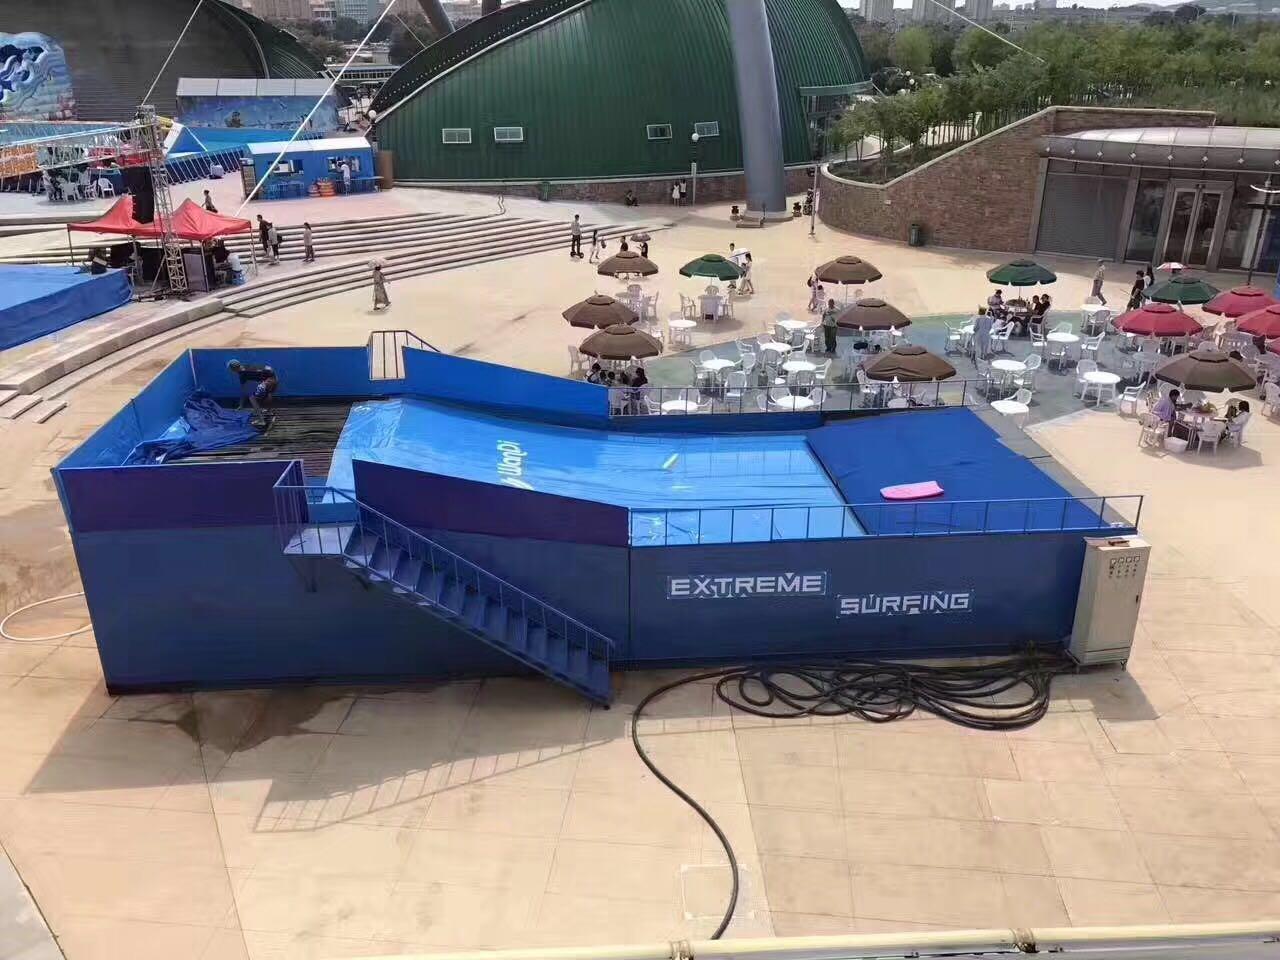 景德镇模拟水上冲浪哪家专业   亚飞展览